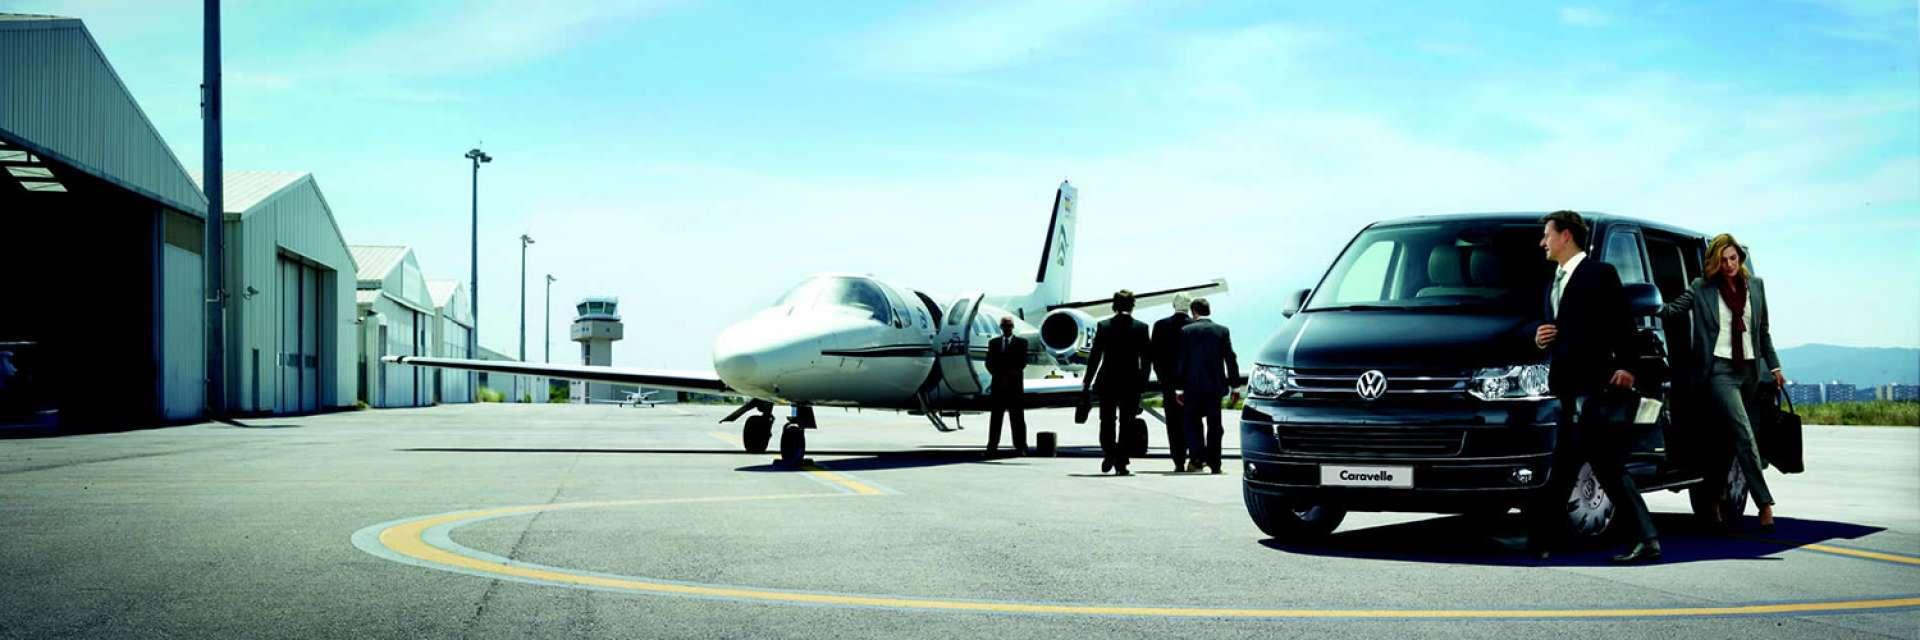 çeşme izmir havalimanı transfer